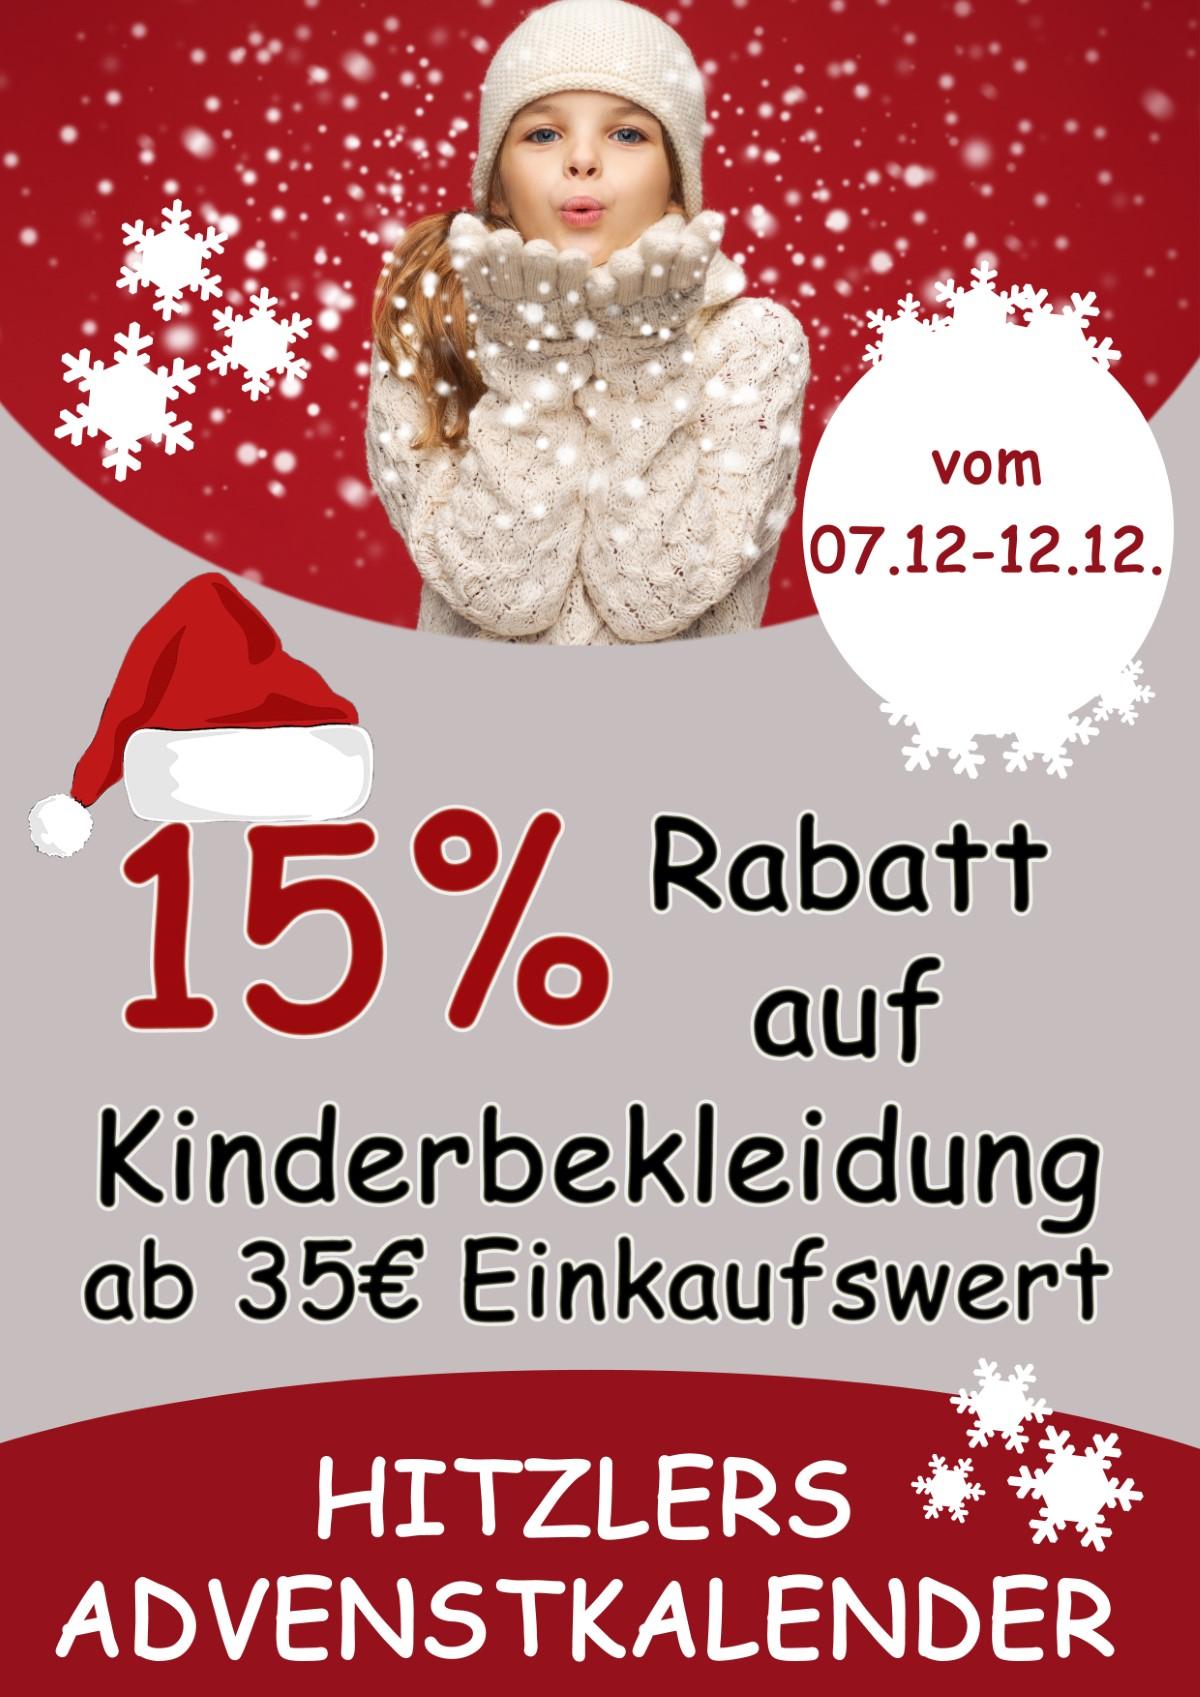 15% Rabatt Auf Kinderbekleidung Ab 35€ Einkaufswert